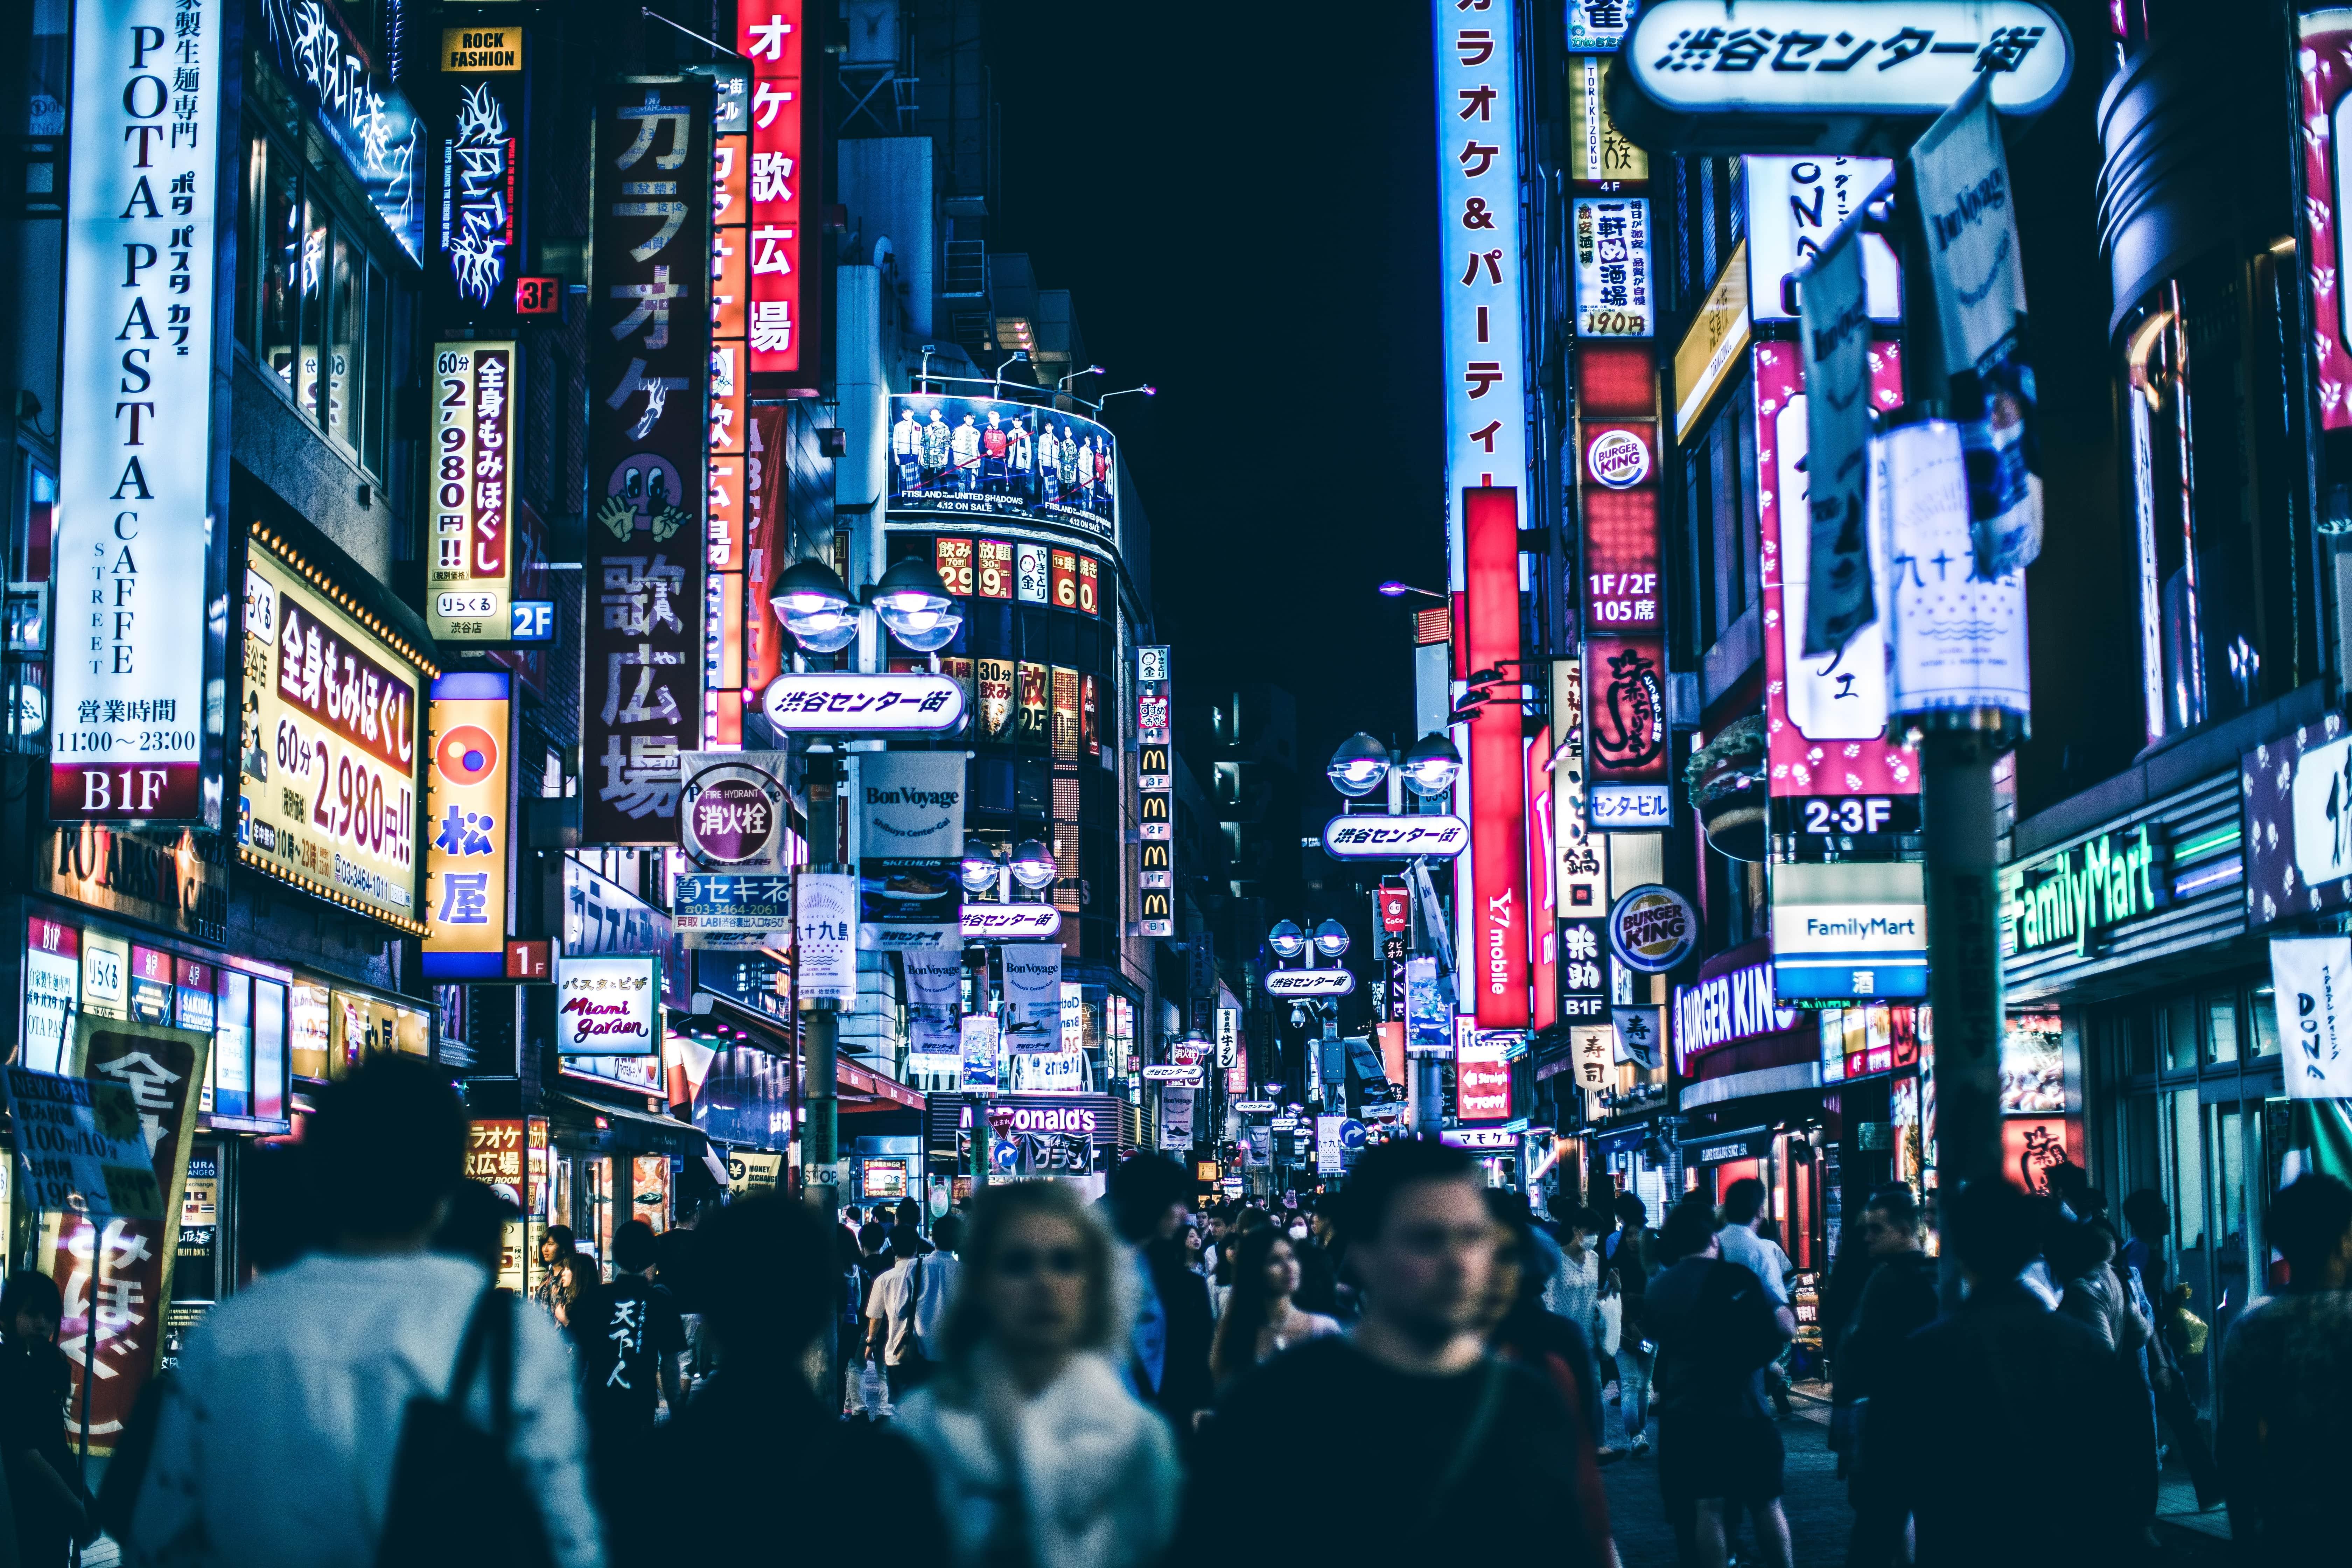 La città del futuro: sostenibilità e tecnologia per la convivenza